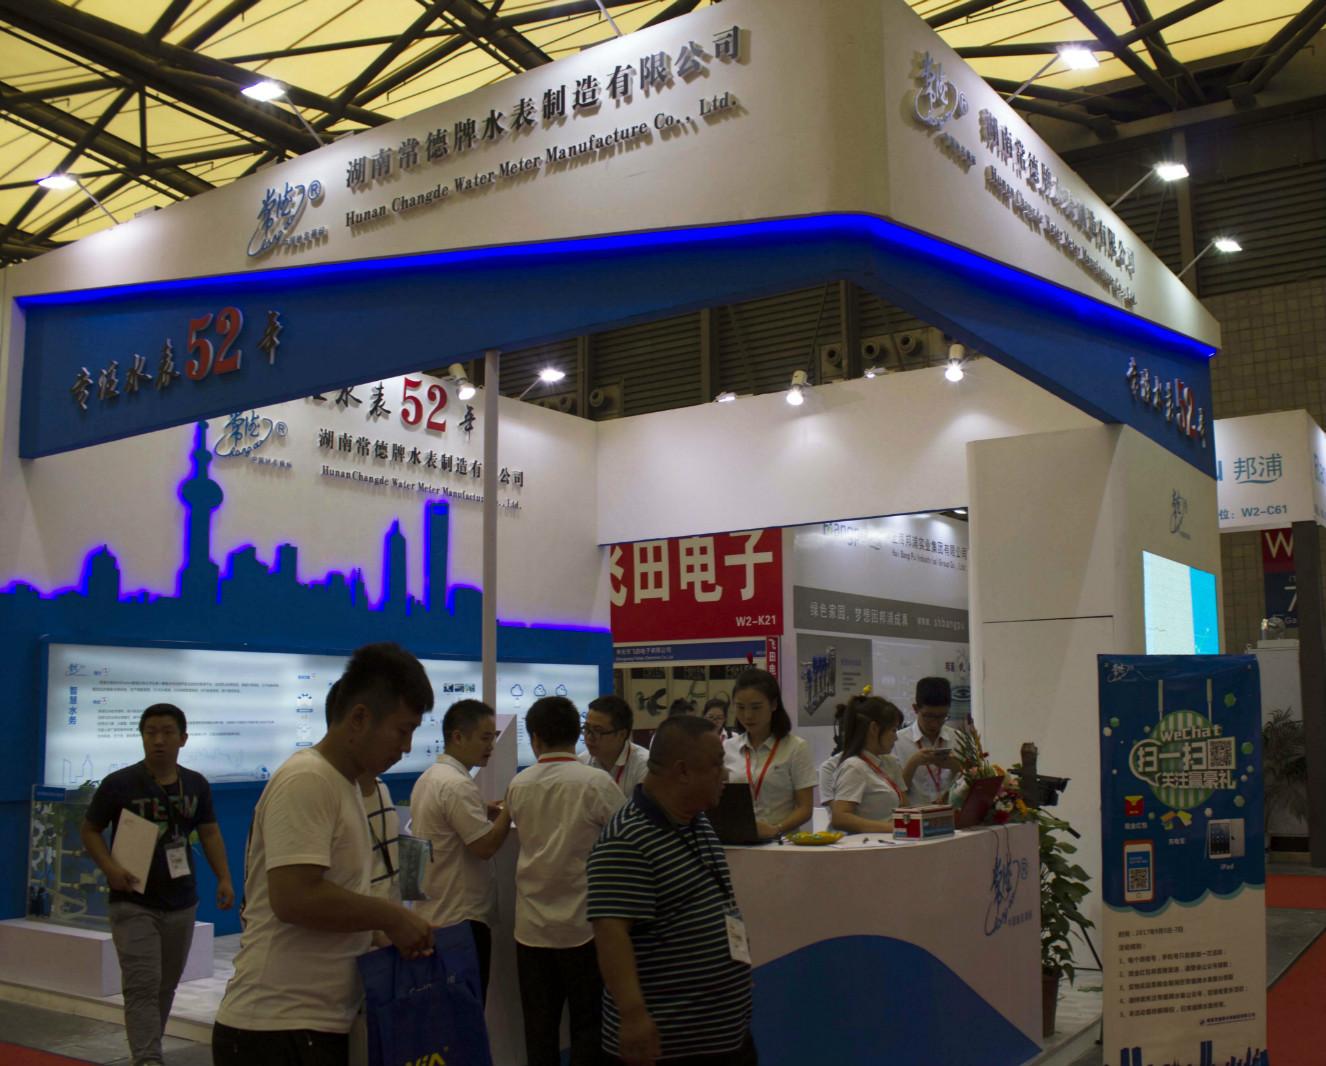 第七届中国城镇水展隆重召开 国内外知名企业齐聚(花絮二)